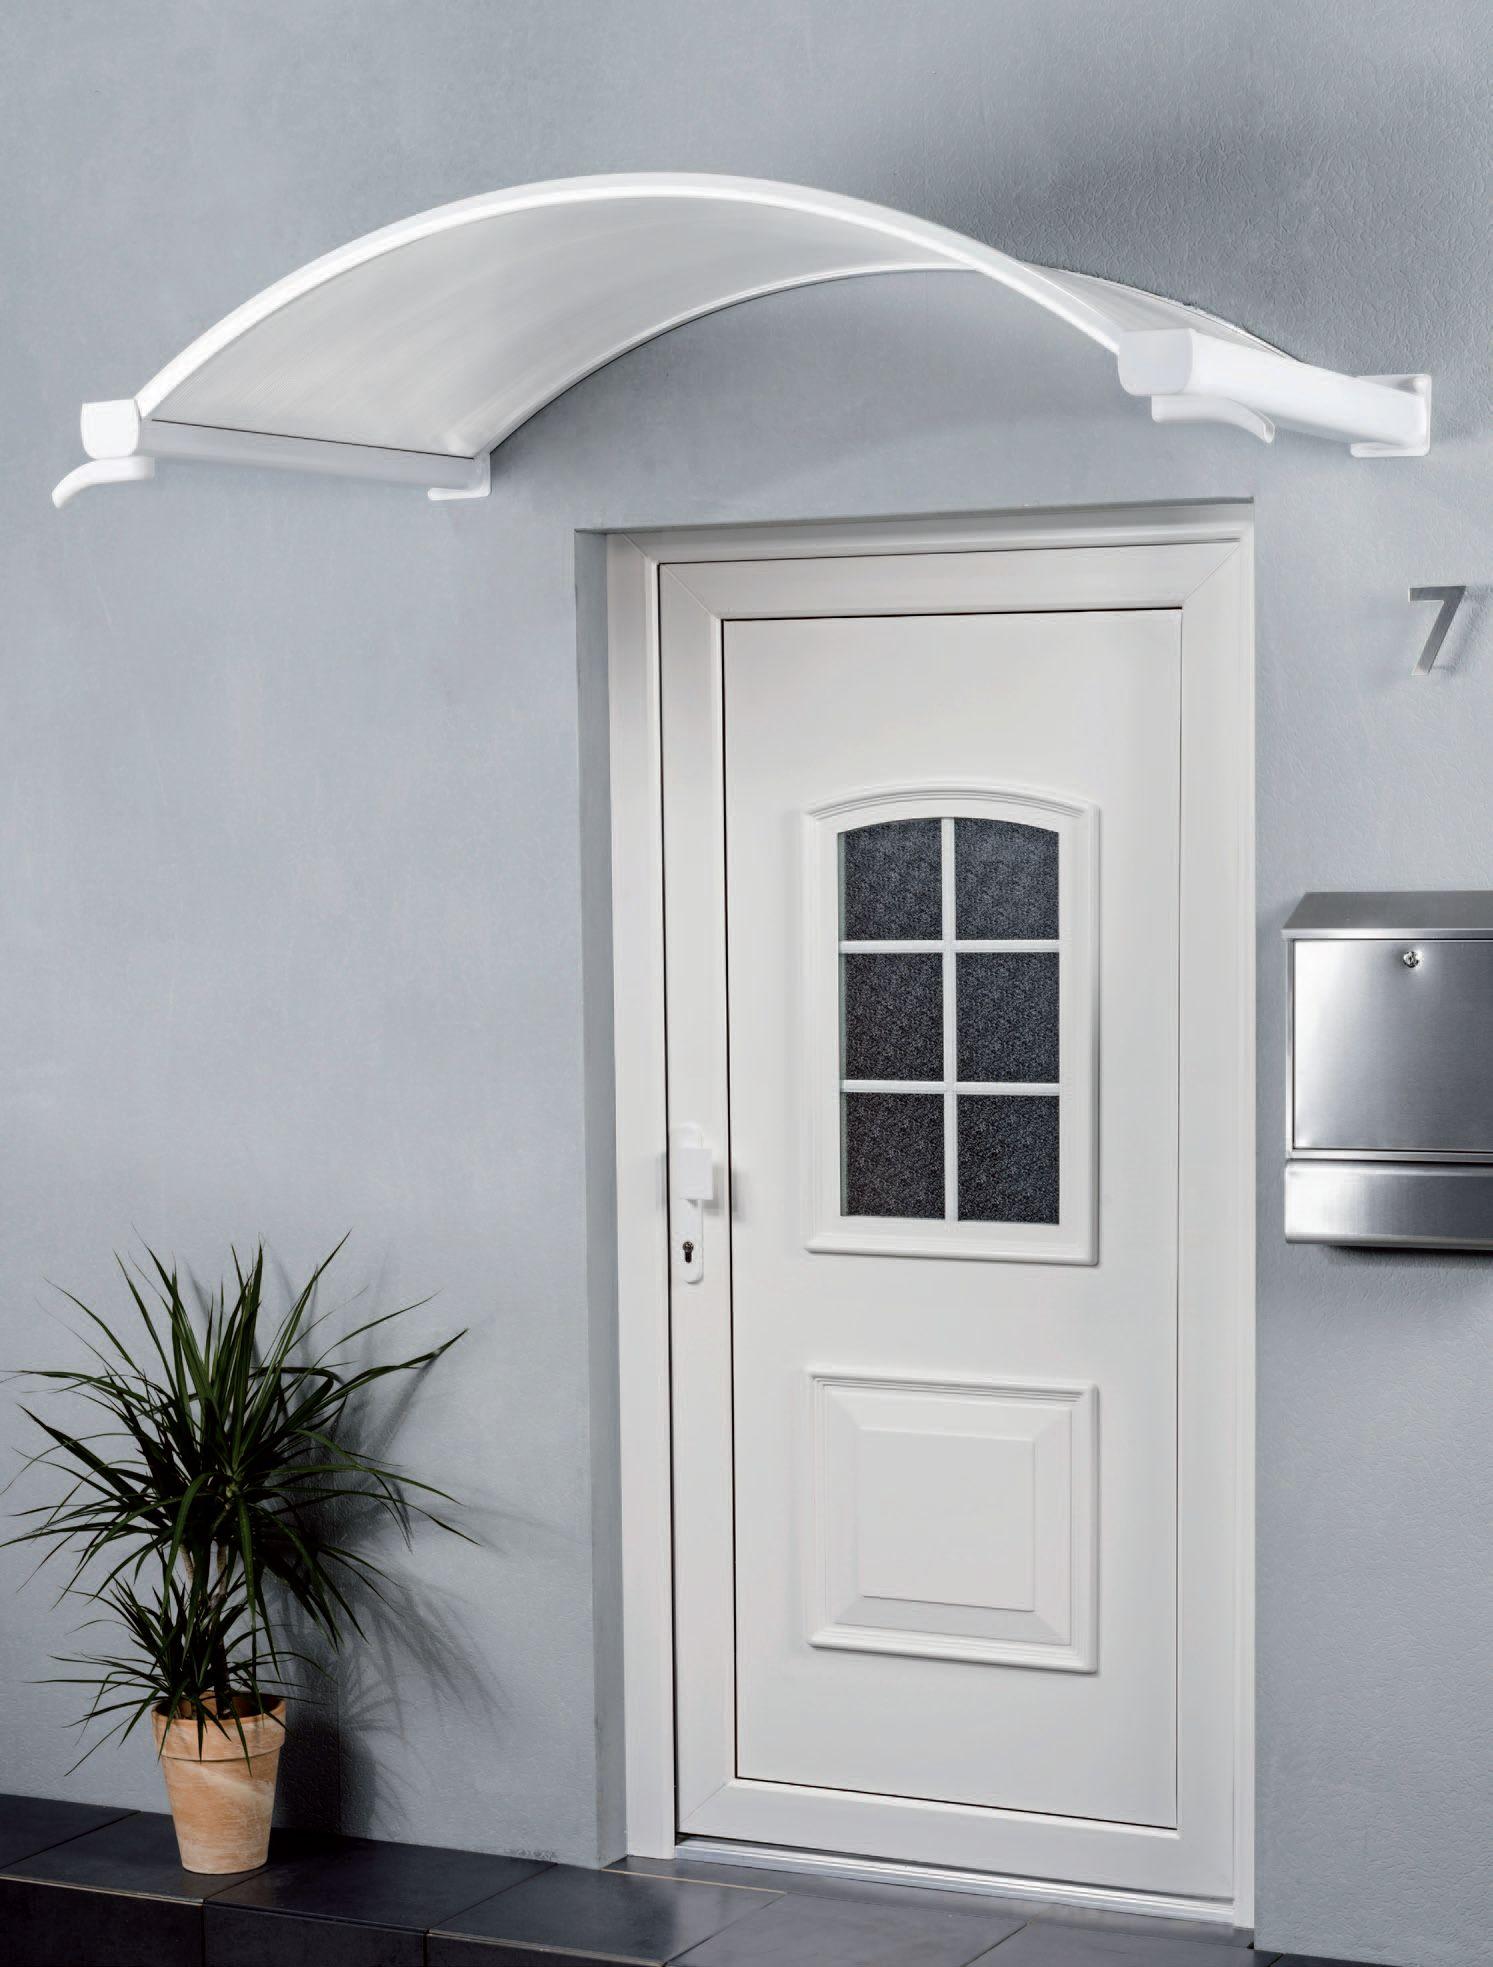 rundbogenvordach wei abdeckung ablauf dusche. Black Bedroom Furniture Sets. Home Design Ideas